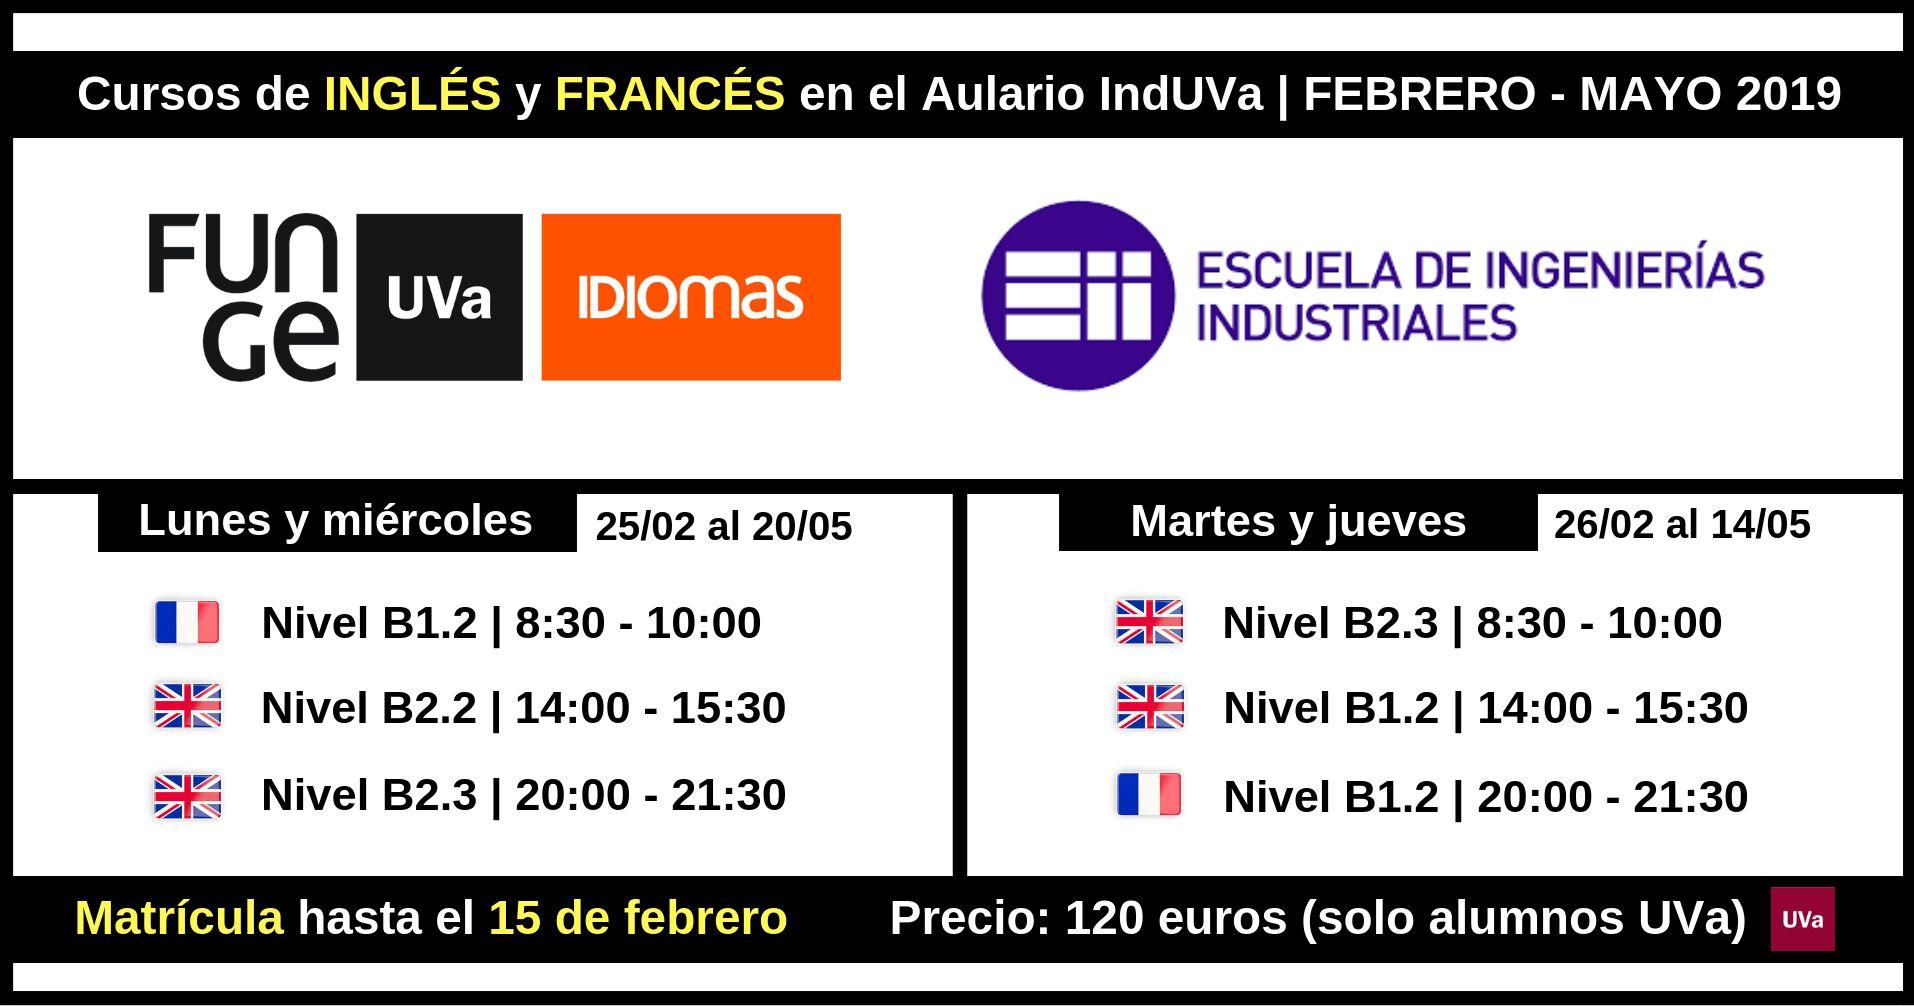 Cursos inglés y francés IndUVa 2019 - febrero - mayo 2019 - Universidad de Valladolid idiomas